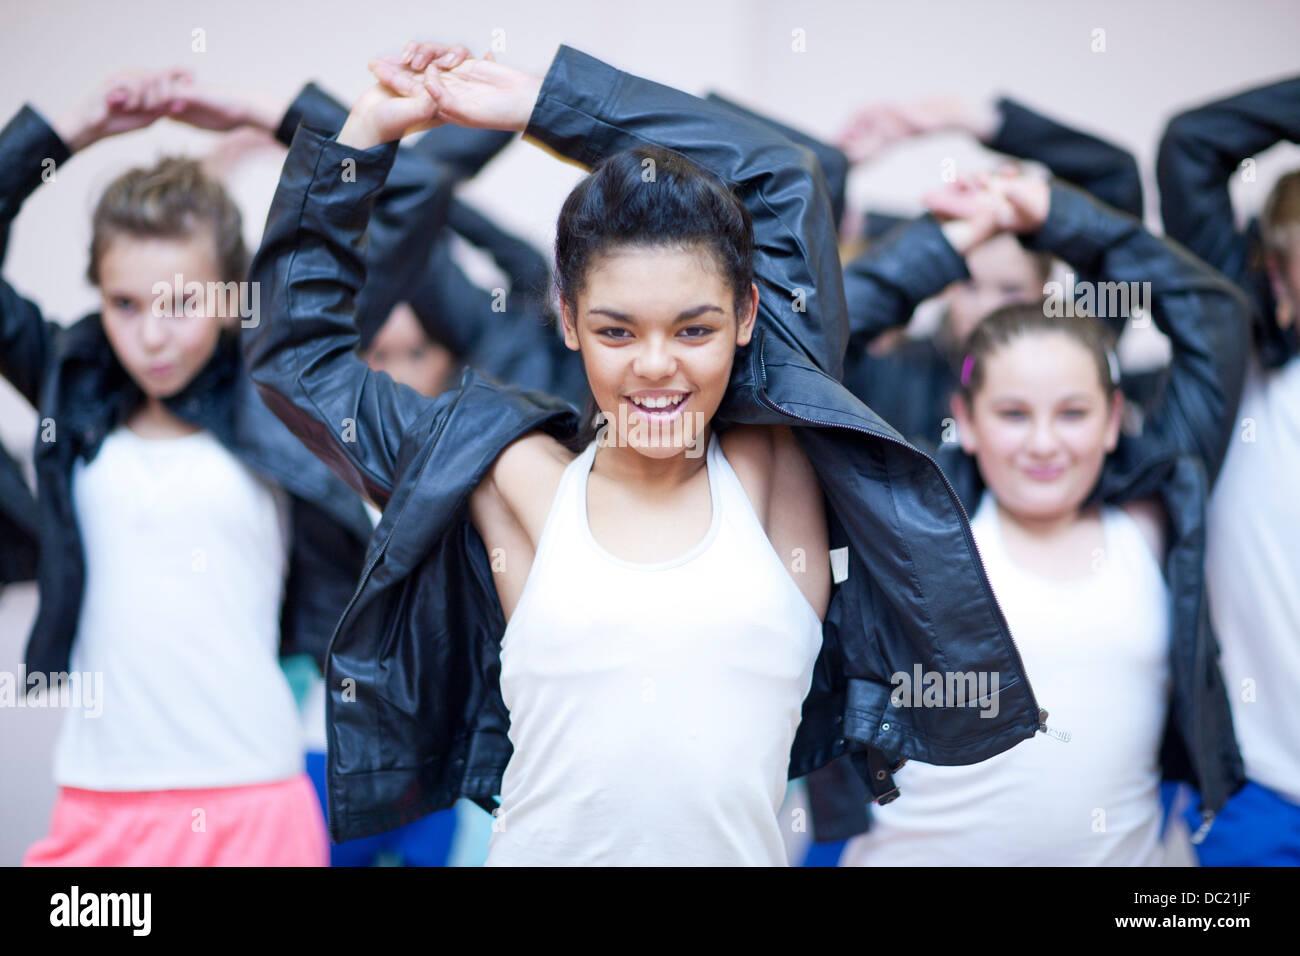 Gruppe von Jugendlichen tanzen hip Hop im studio Stockbild